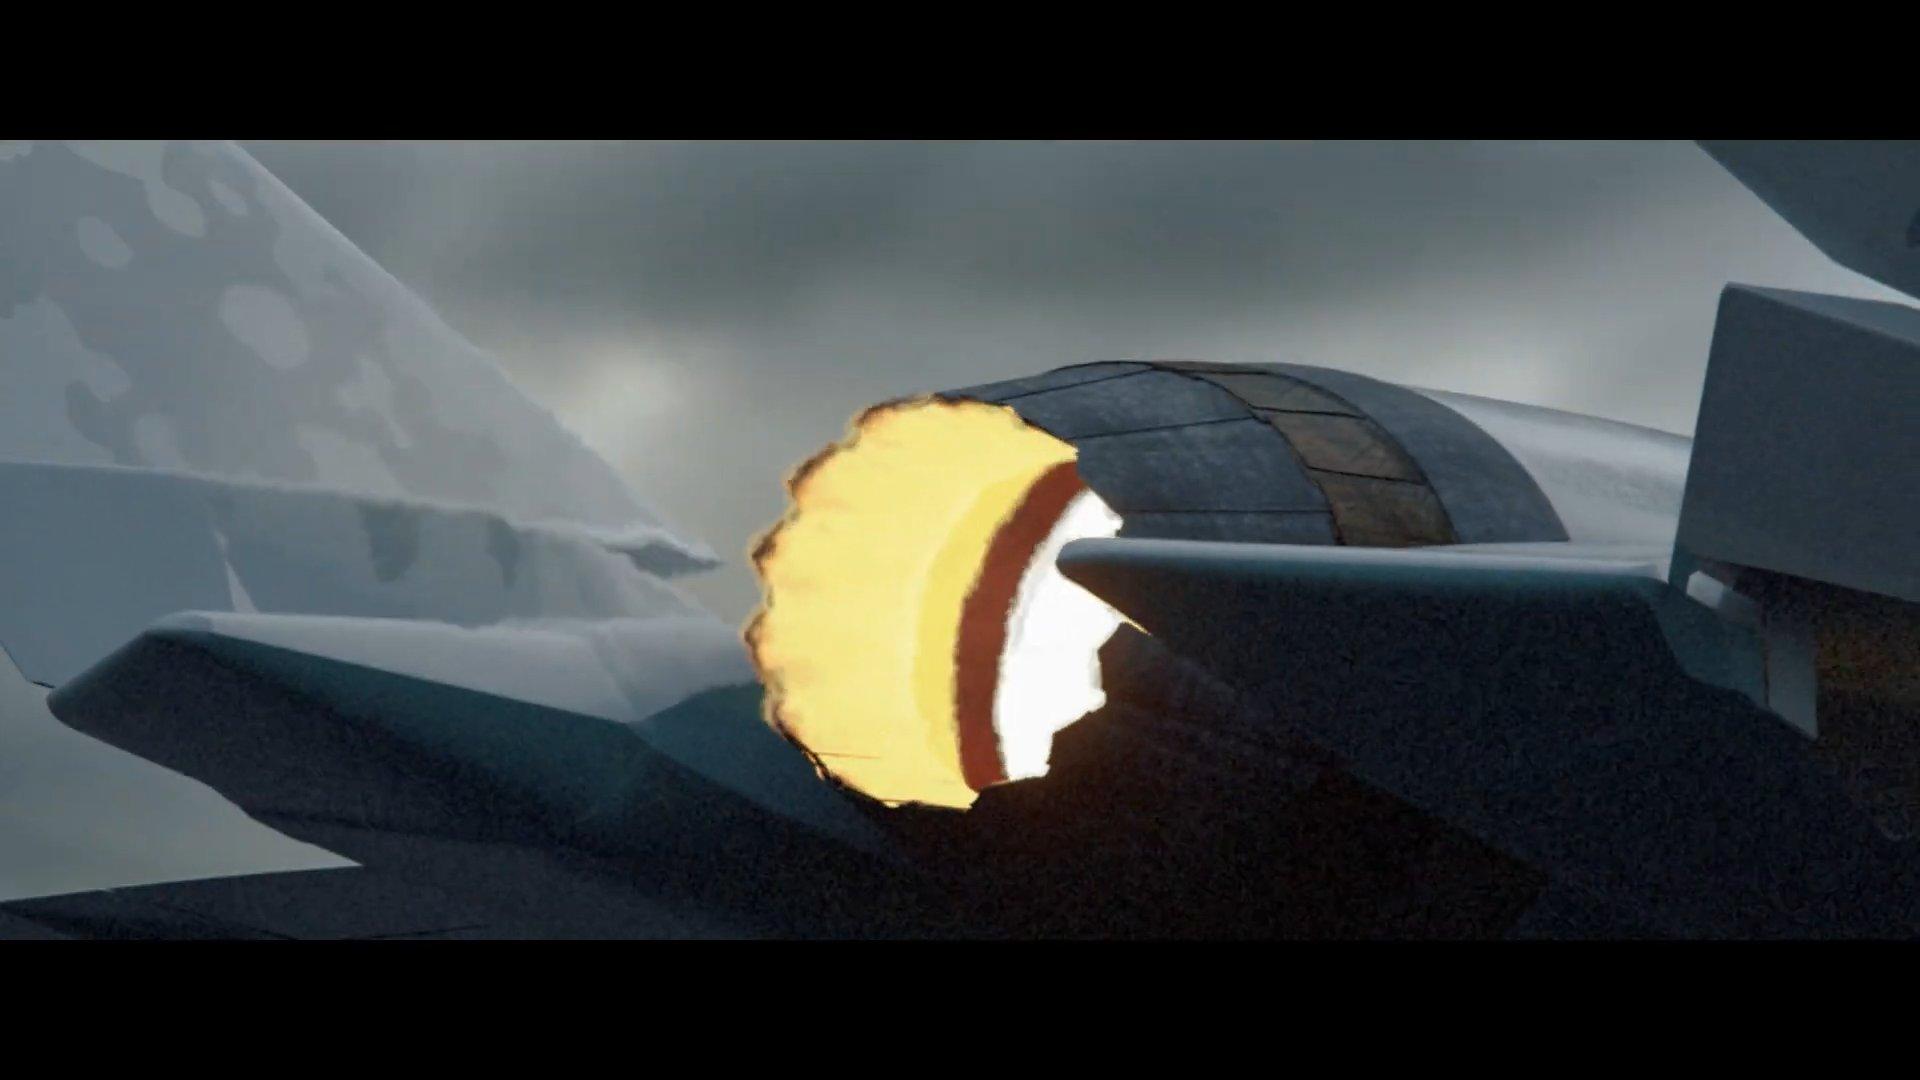 روسيا ستكشف عن مقاتلة جيل خامس خفيفة مشابهة ل اف35 في معرض ماكس  E6m6ifhXoAc-ddG?format=jpg&name=large